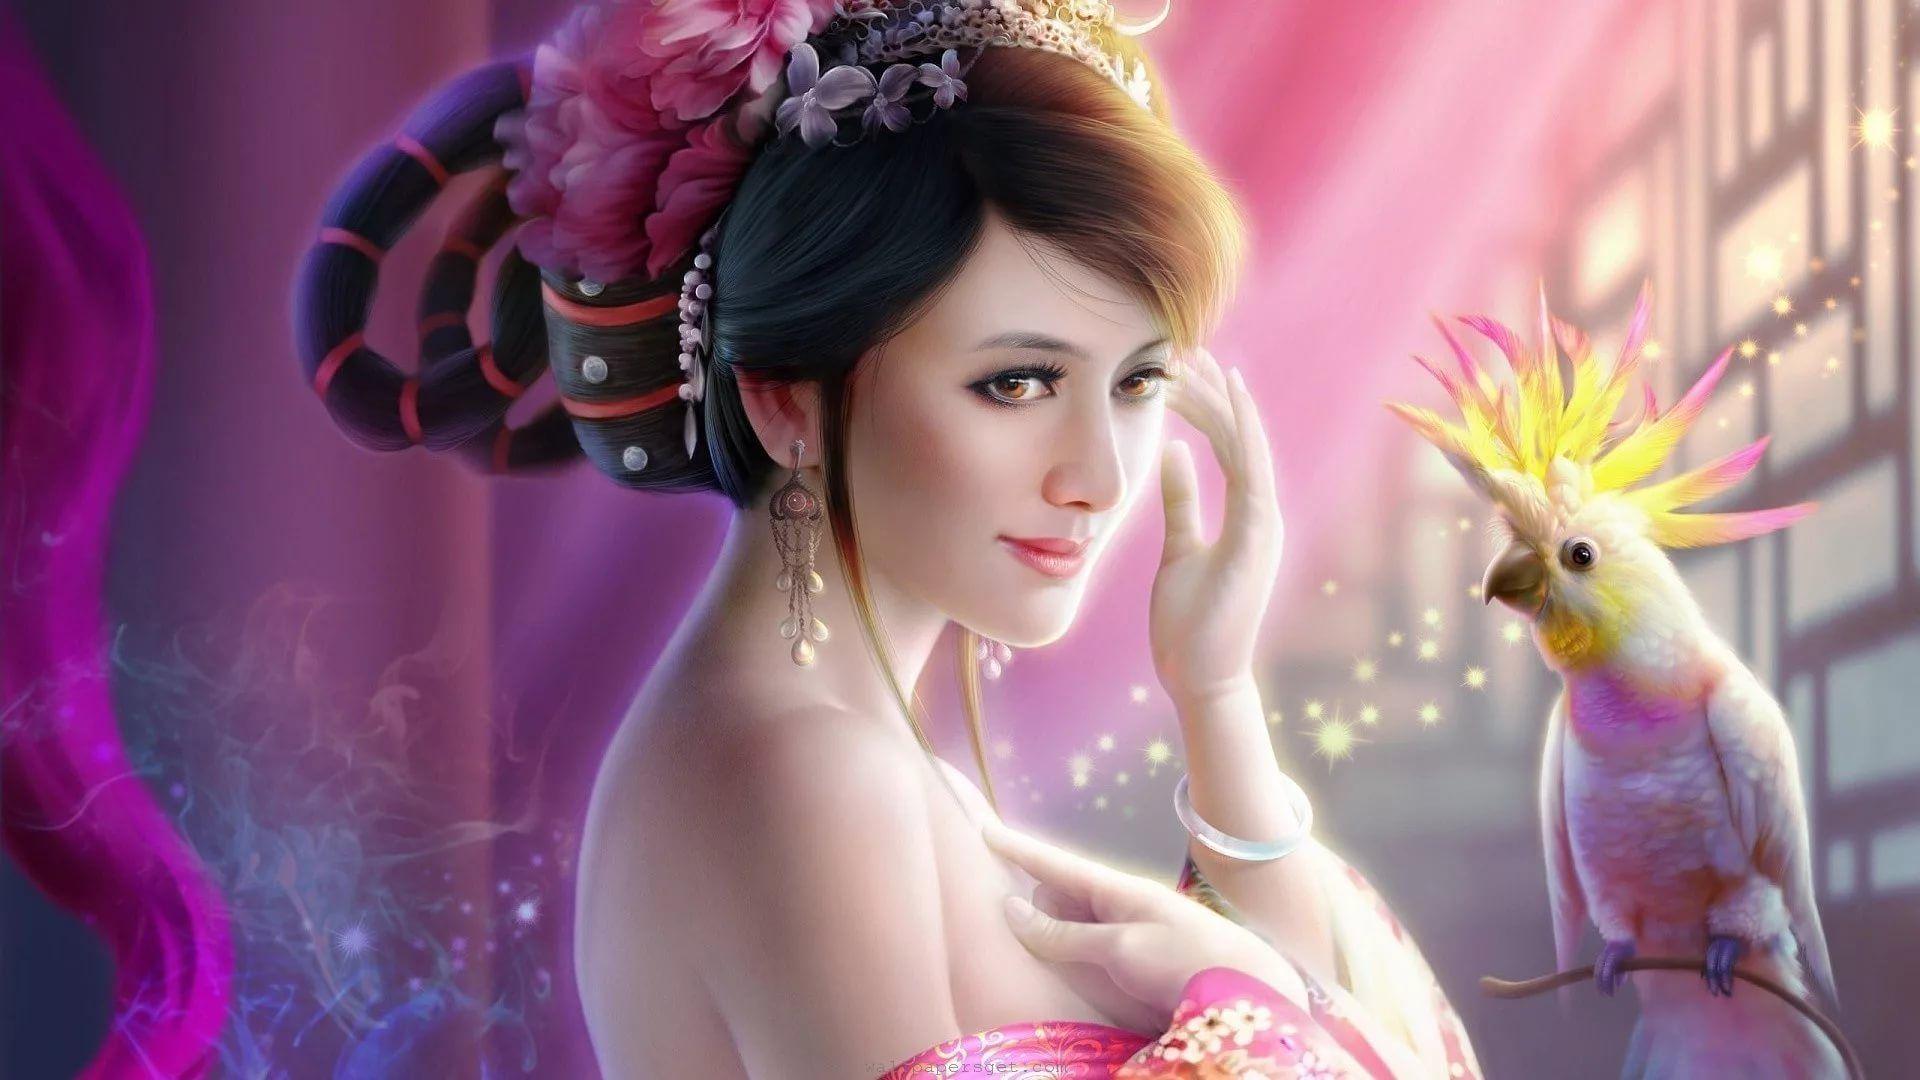 3D Girl Background Wallpaper HD